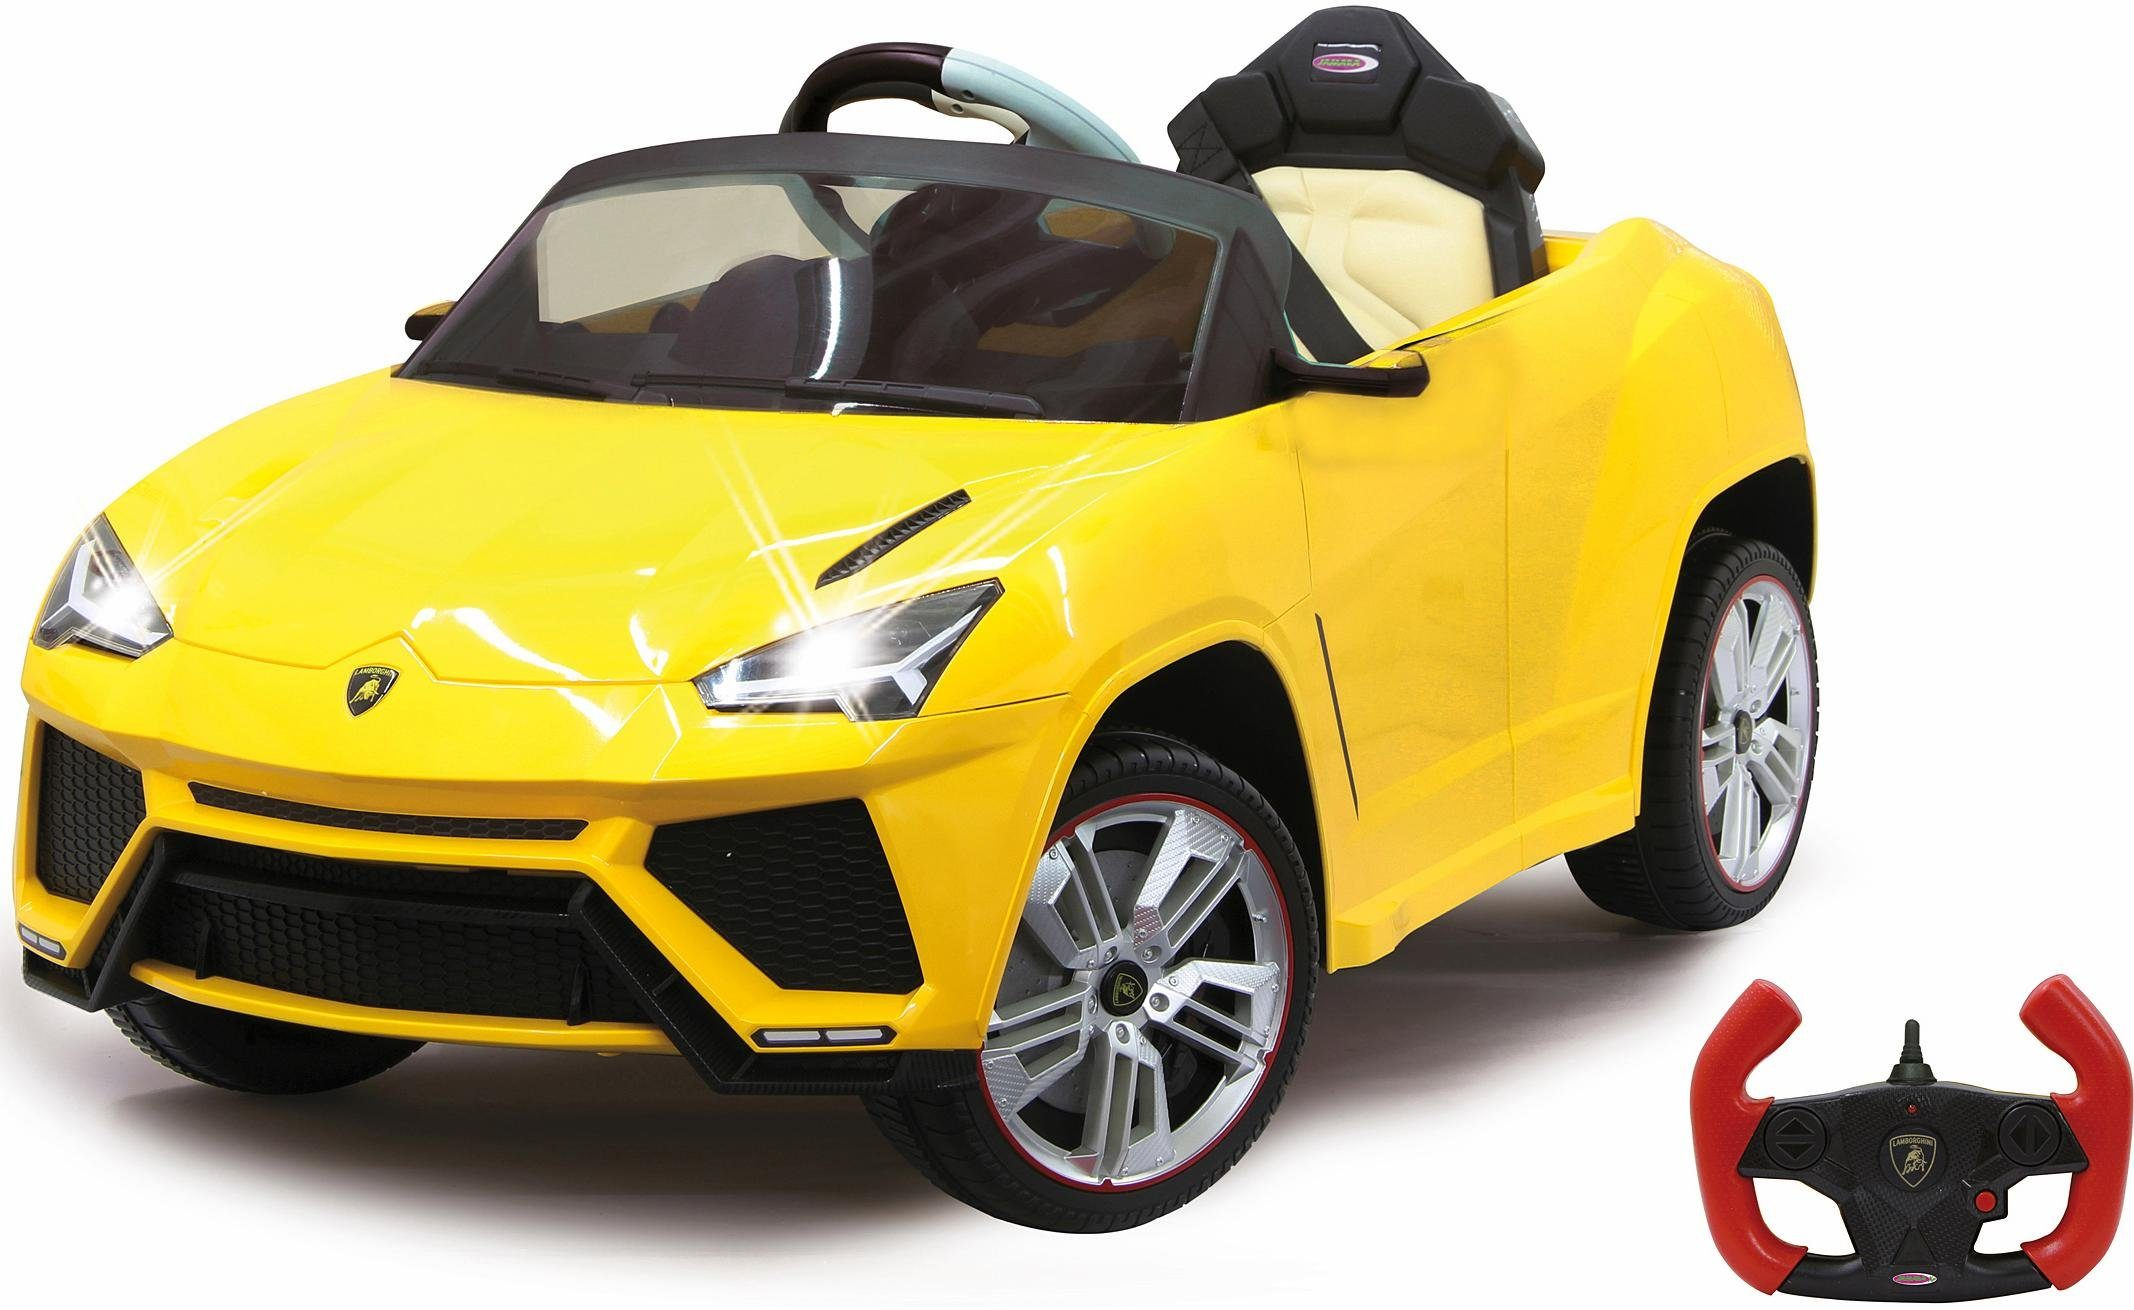 JAMARA Elektrofahrzeug für Kinder, »JAMARA KIDS Ride On Lamborghini Urus gelb 6V«